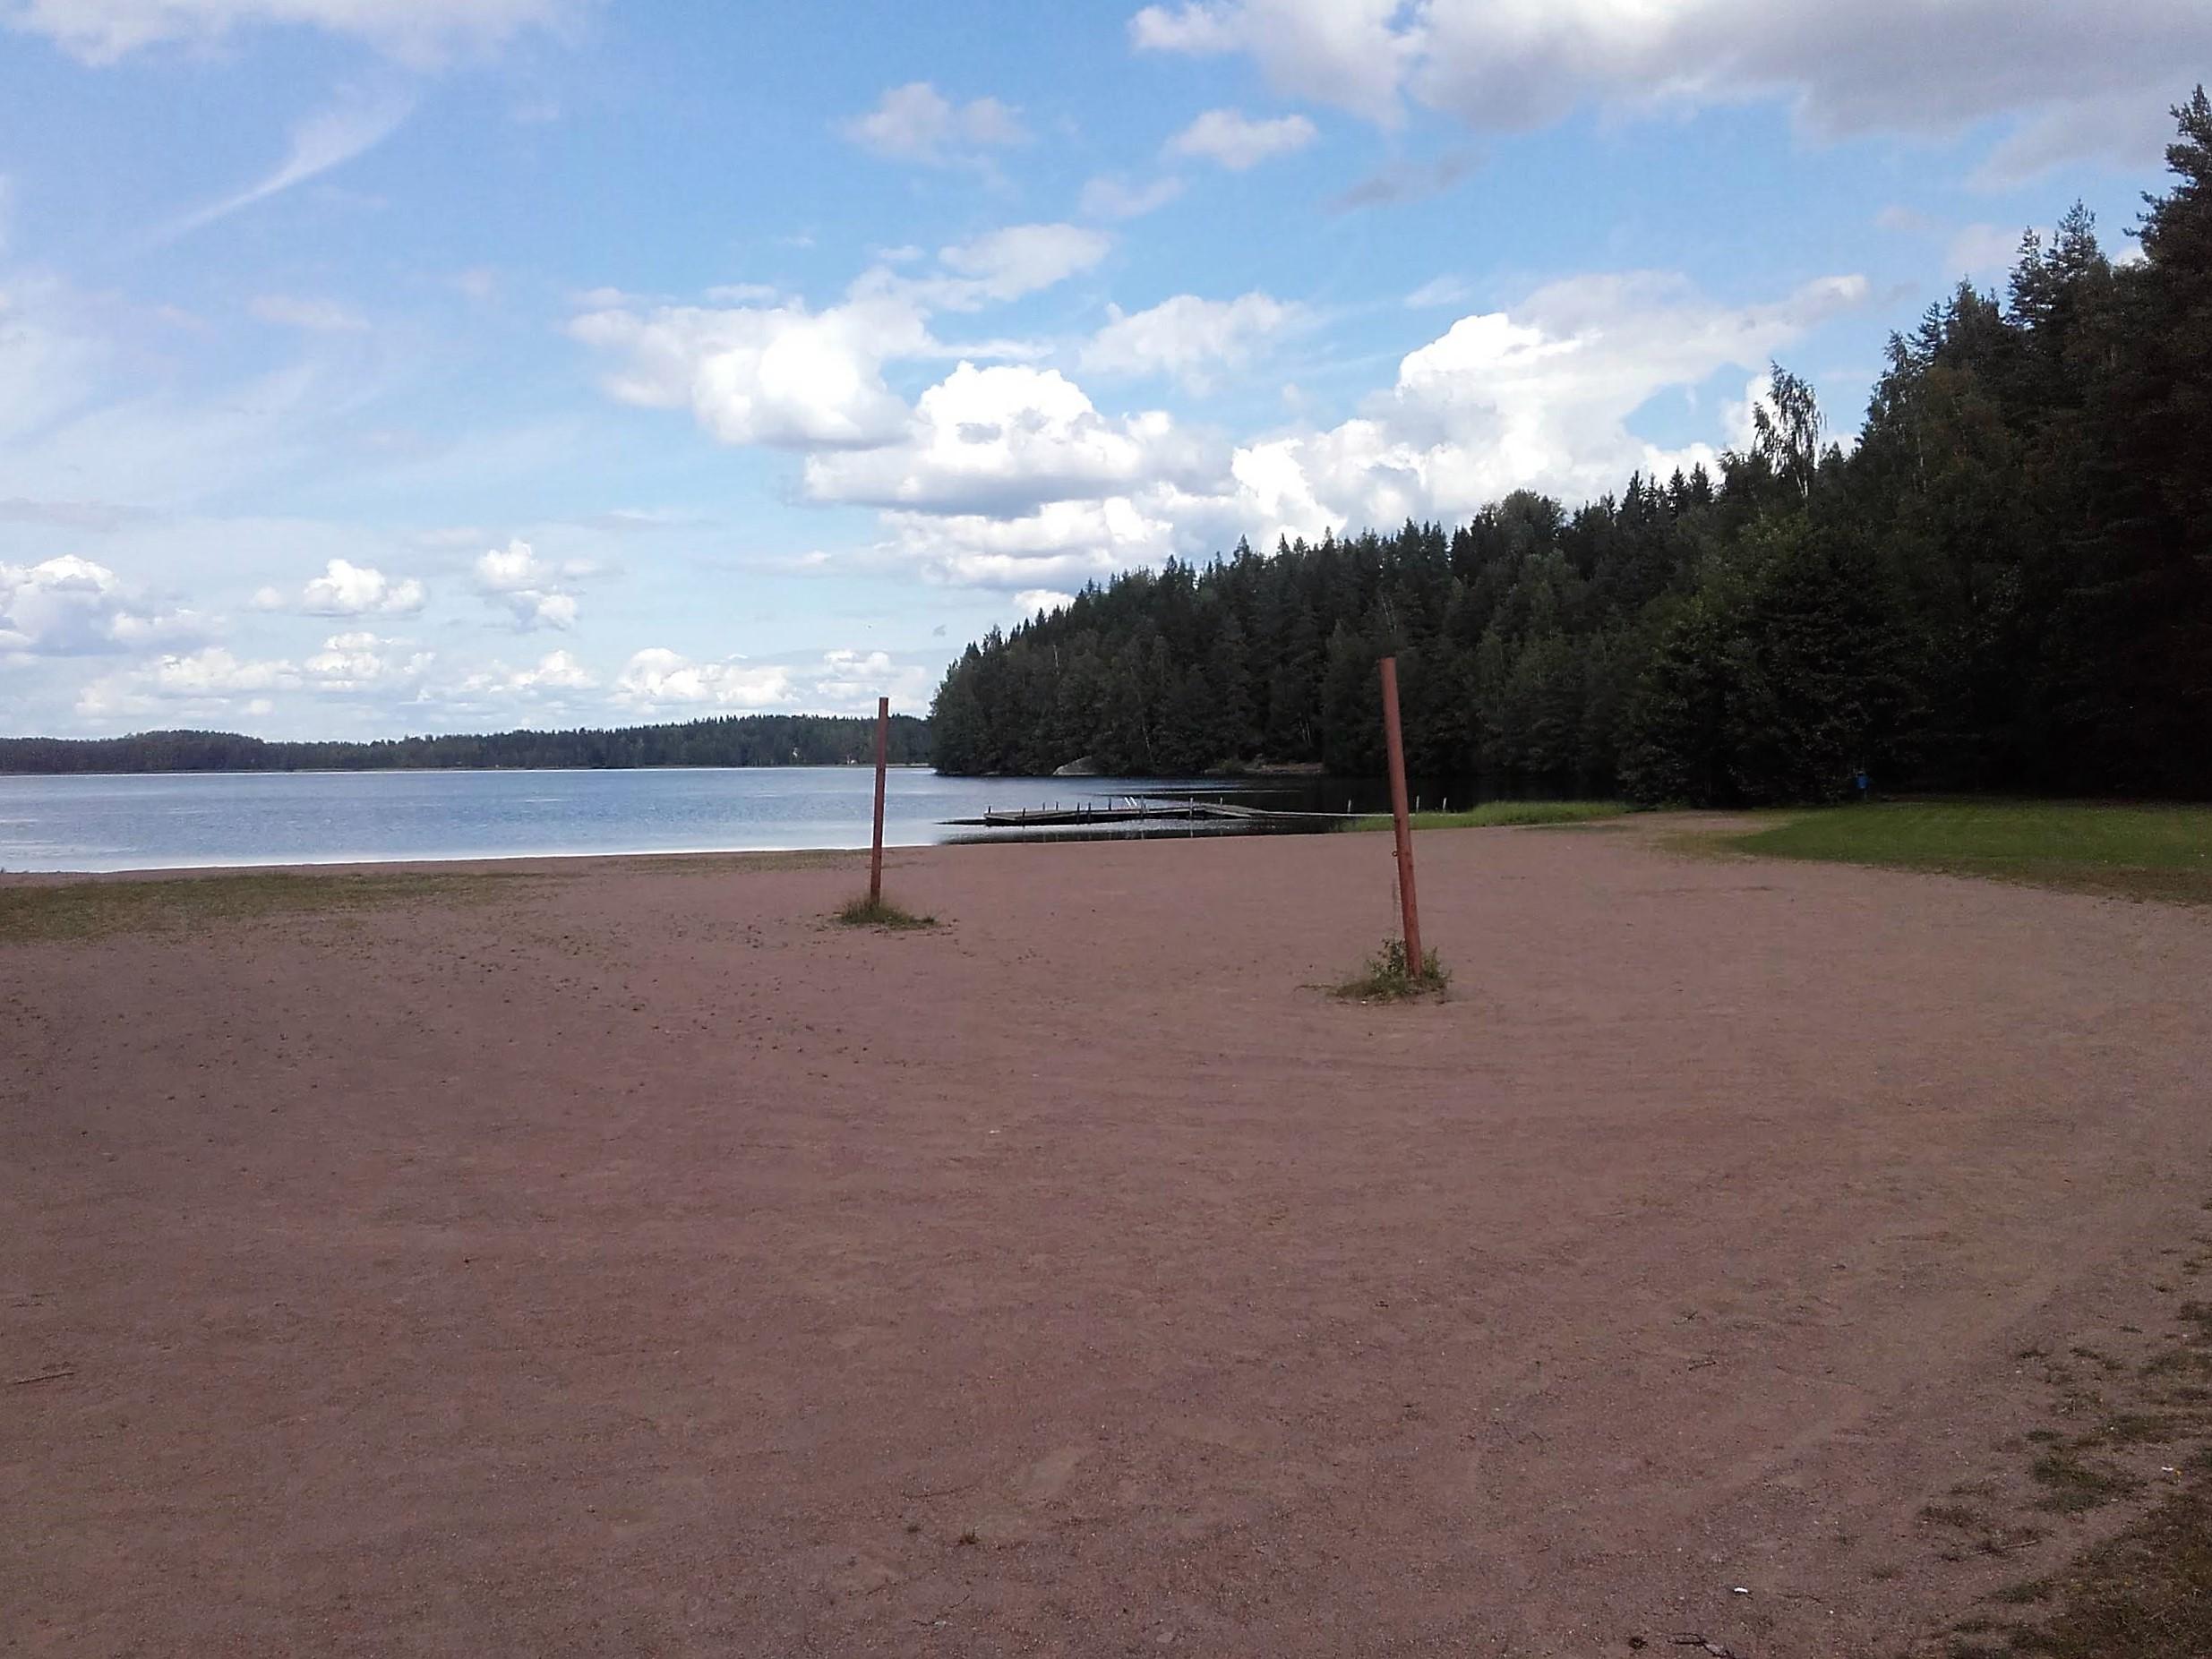 Sompasen uimaranta. Tasainen hiekkaranta. Rannalla tolpat lentopalloverkolle. Taustalla metsää.